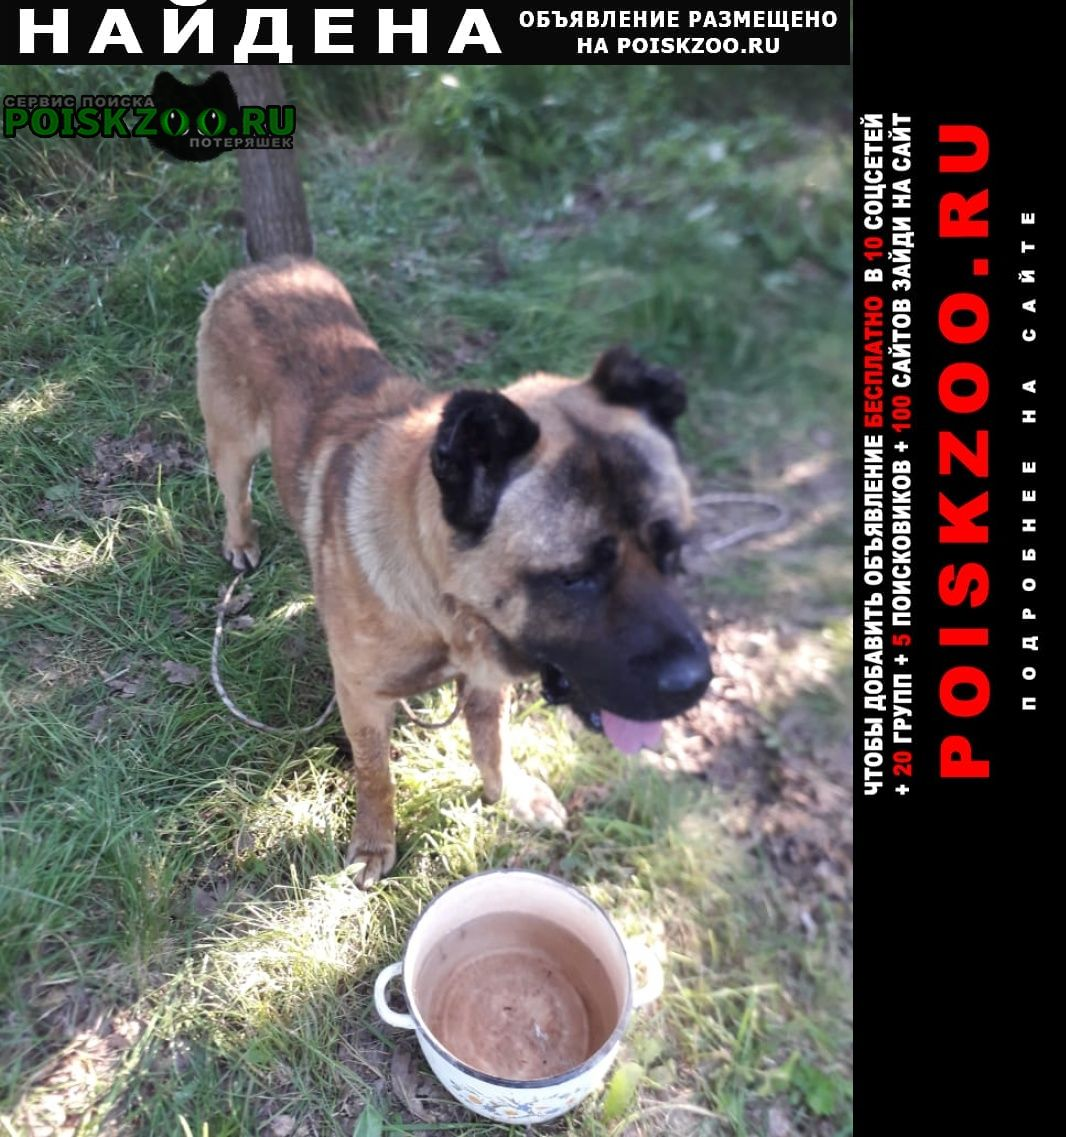 Найдена собака кобель в районе пес Одинцово